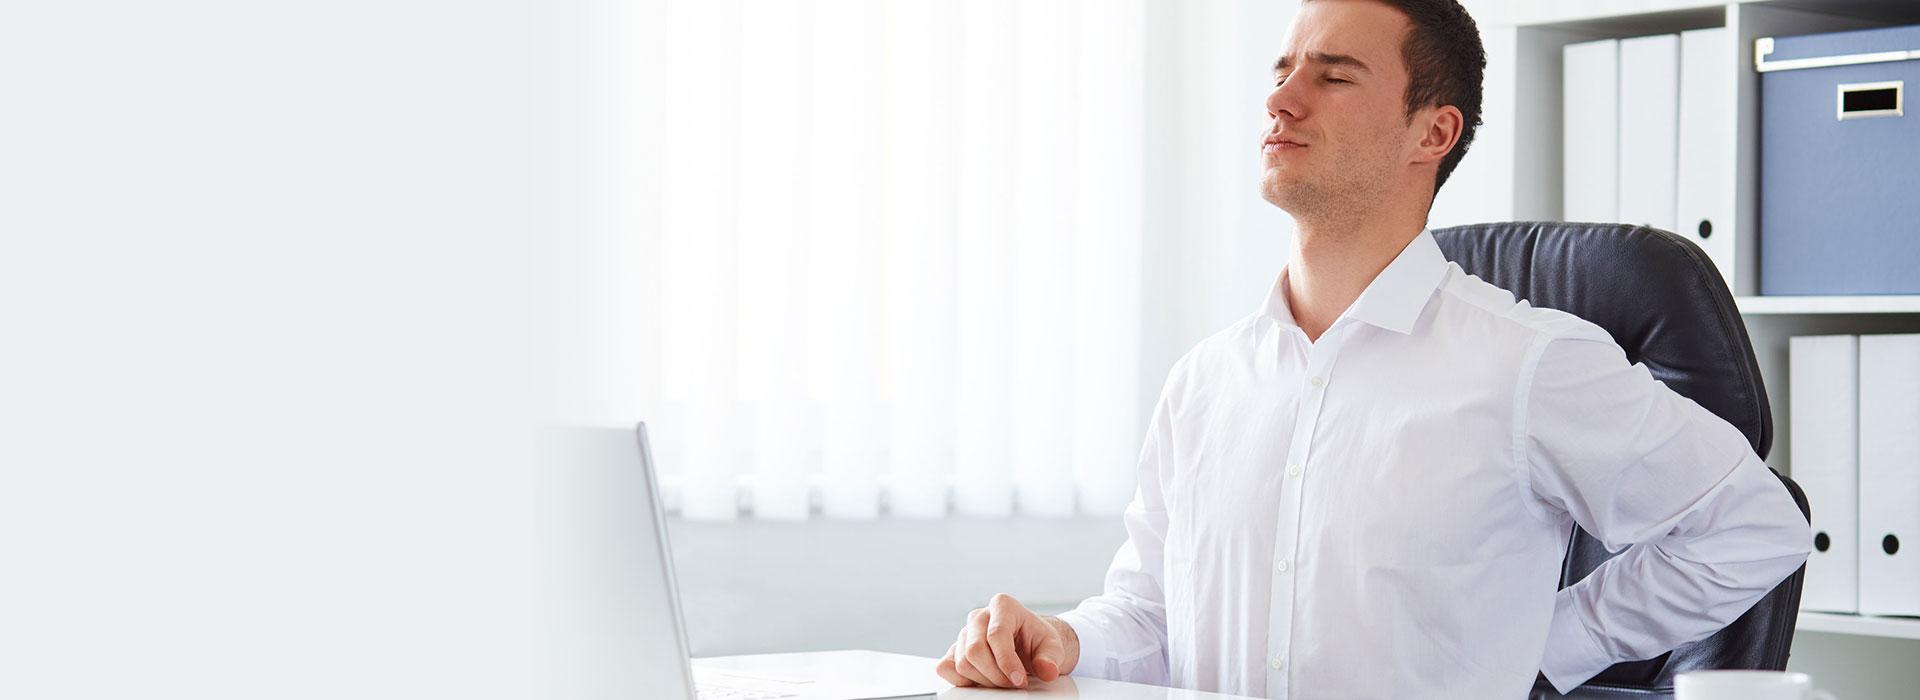 80% מהאוכלוסייה יחוו התקף כאבי  גב?